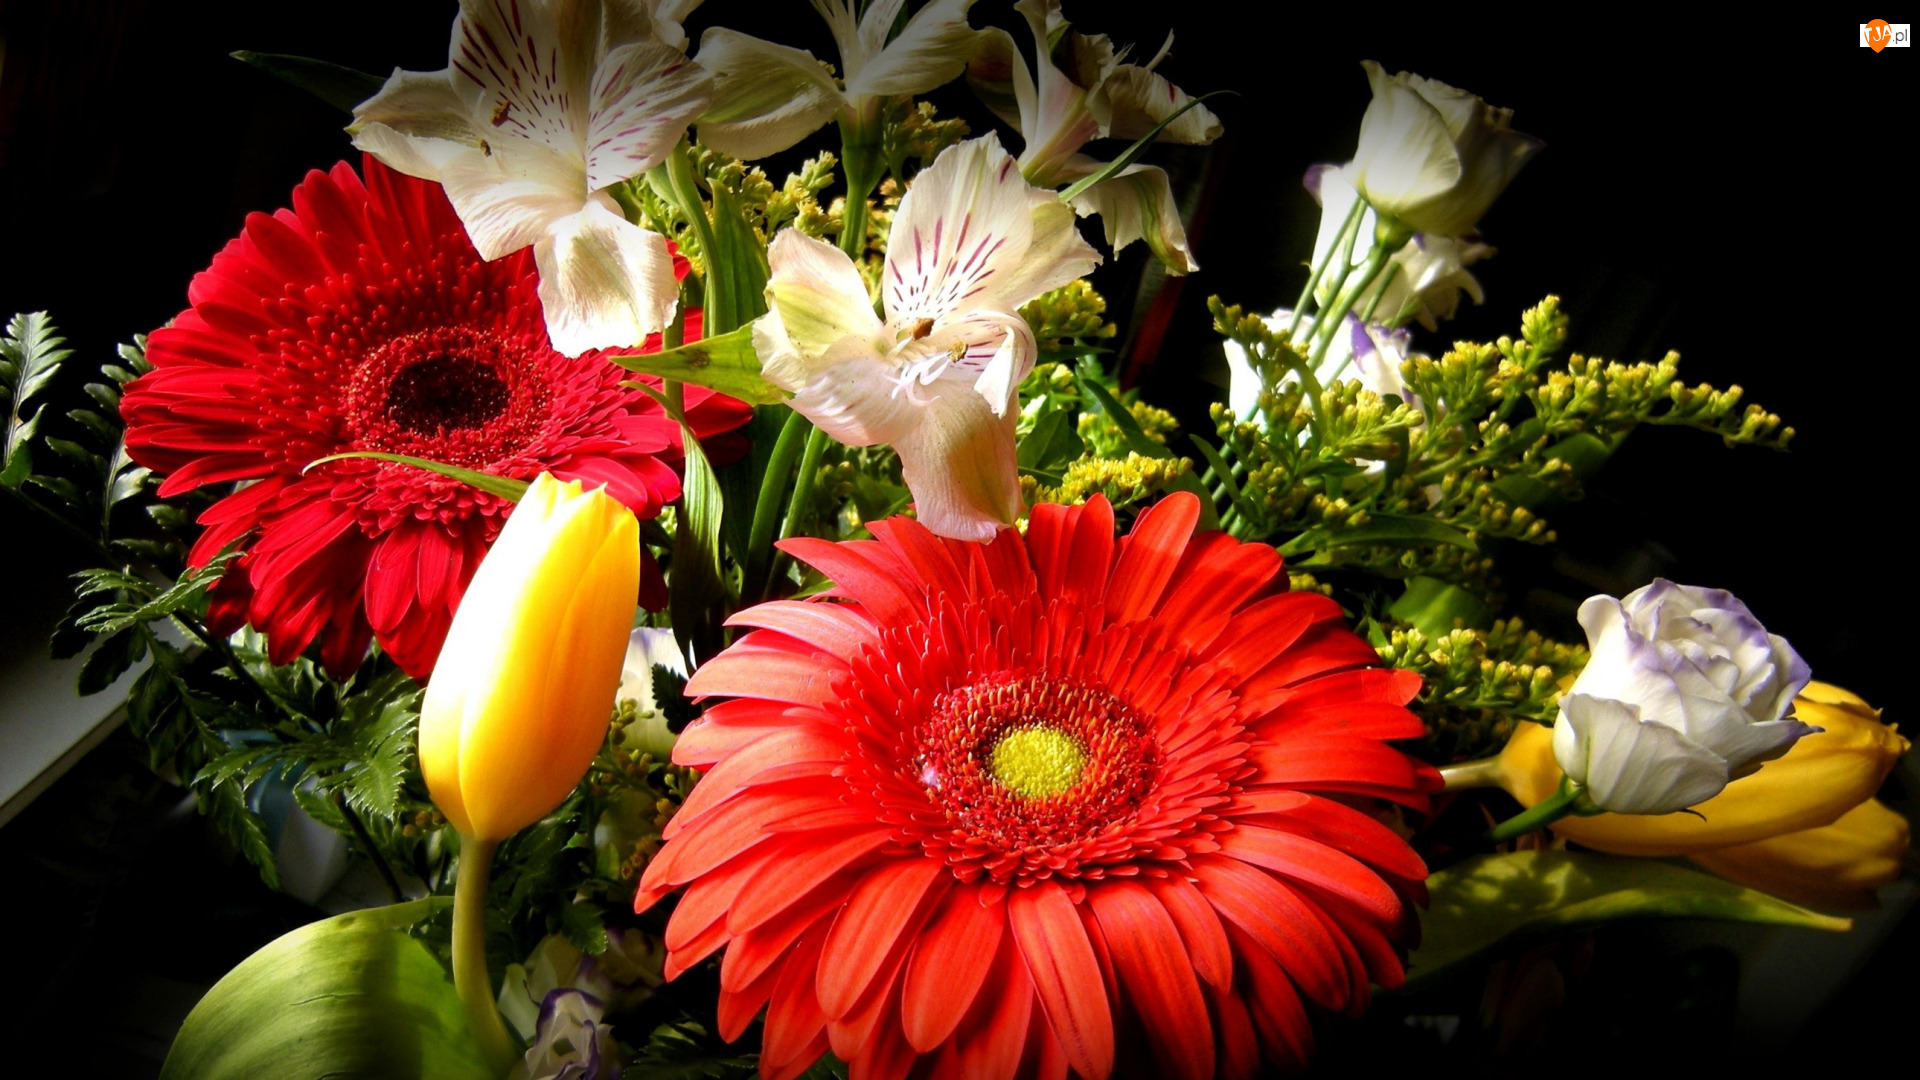 Alstremeria, Kwiaty, Bukiet, Gerbera